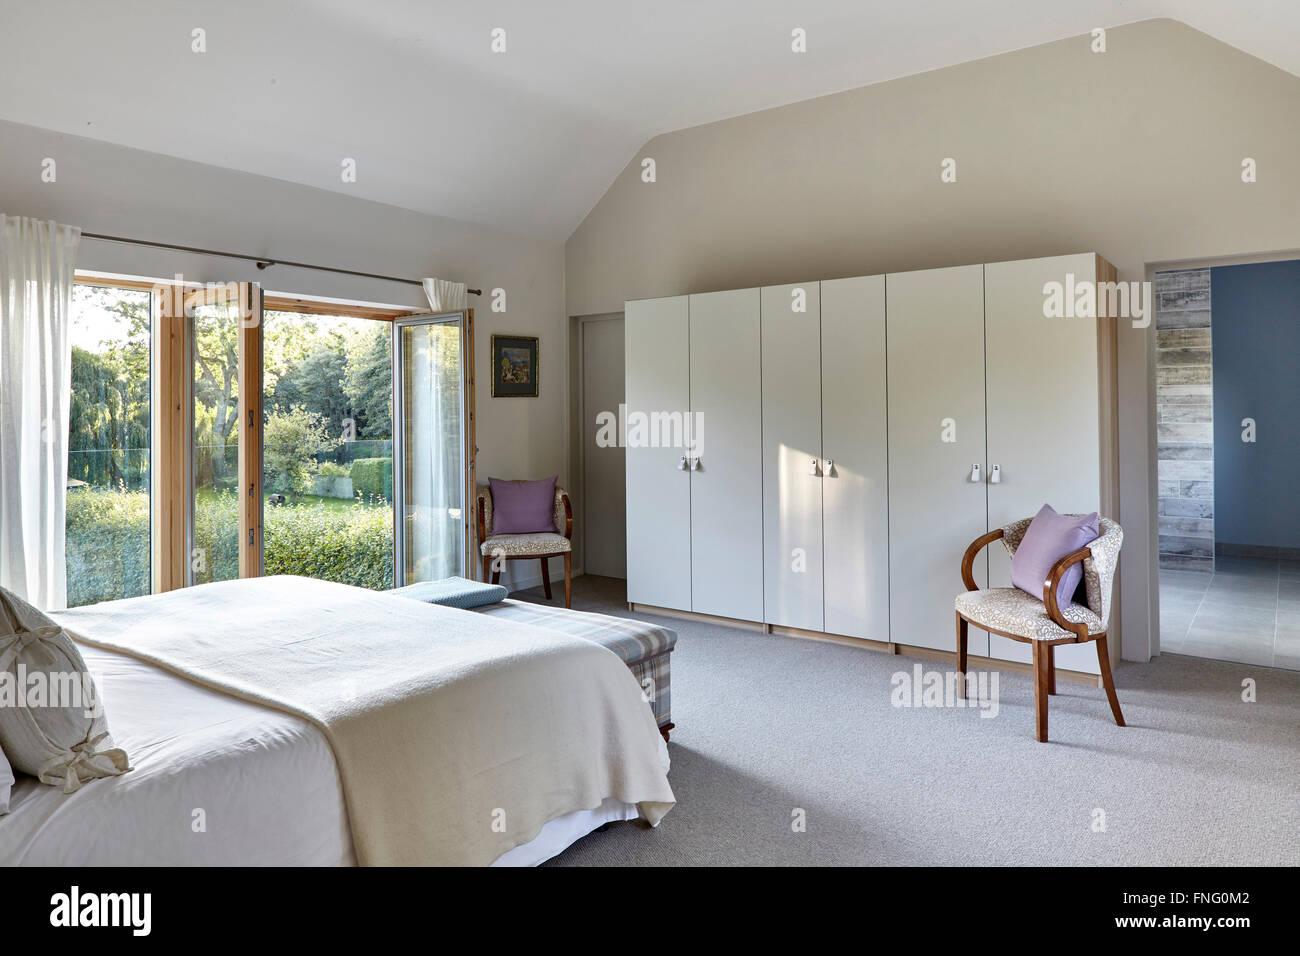 Bagno In Camera Con Vetrata : Master camera da letto con vista al bagno e doppio vetro a piena